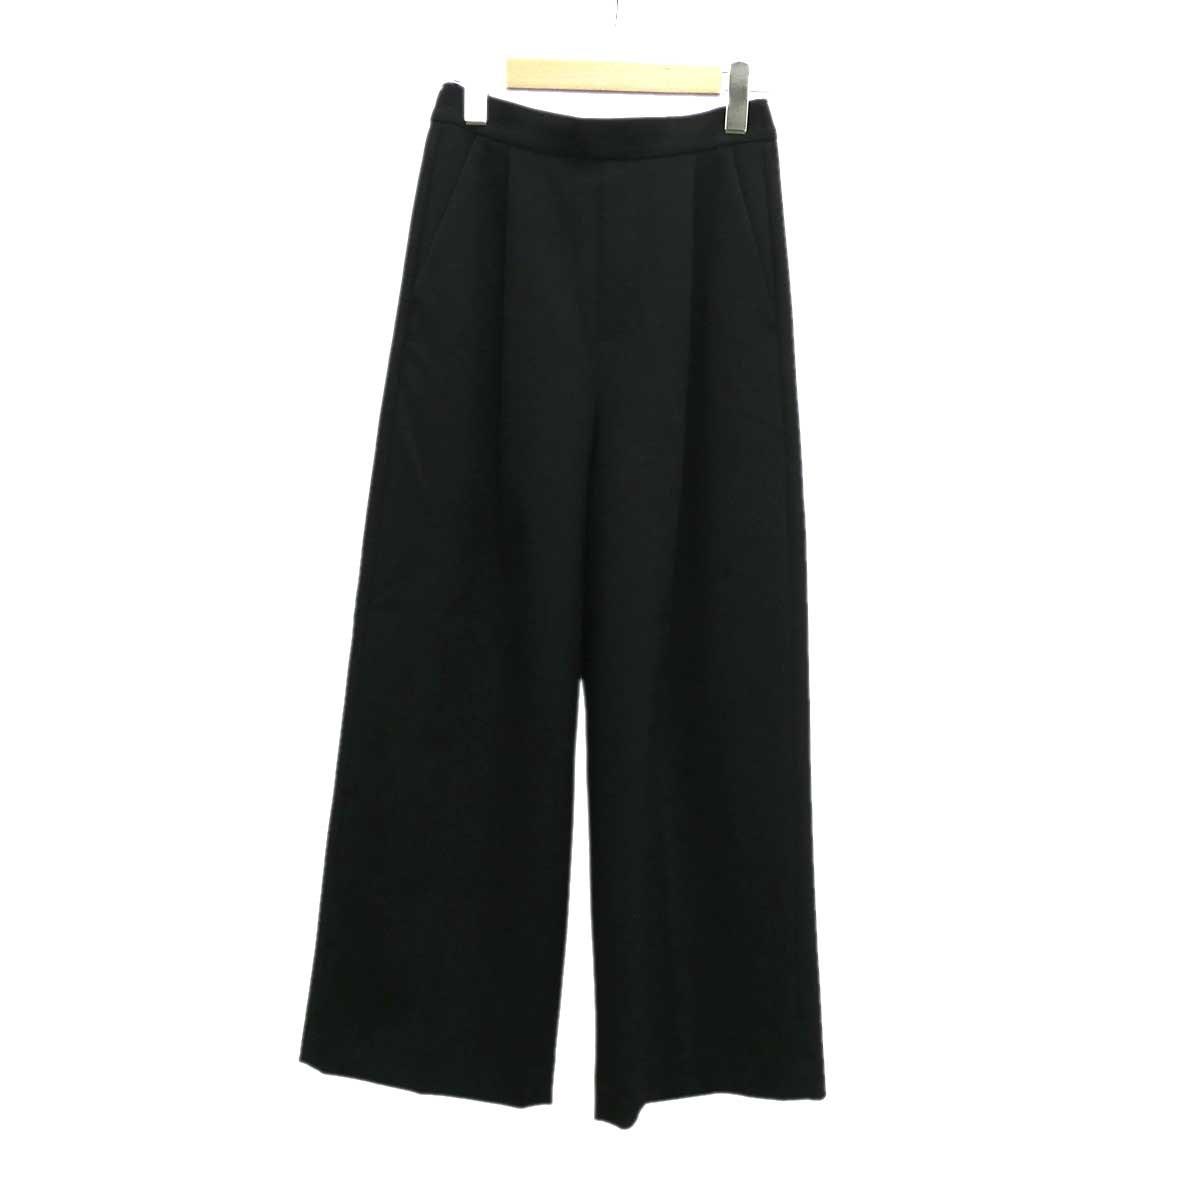 【中古】ENFOLD ワイドパンツ ブラック サイズ:34 【280120】(エンフォルド)